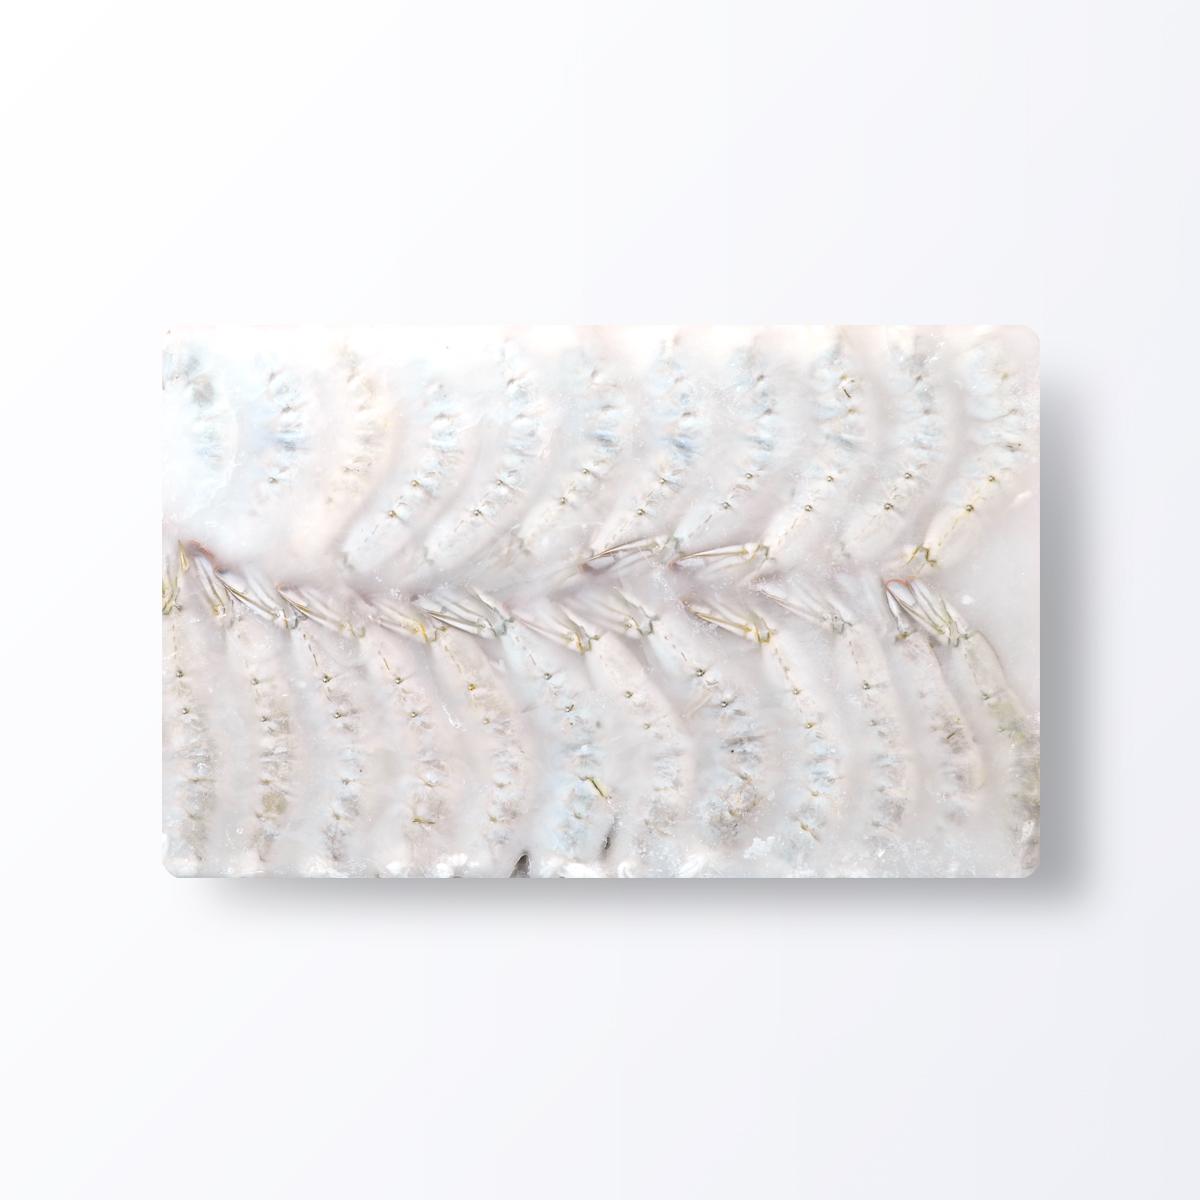 SHR175-Shrimp-Vannamei-Headless-Shell-On.JPG